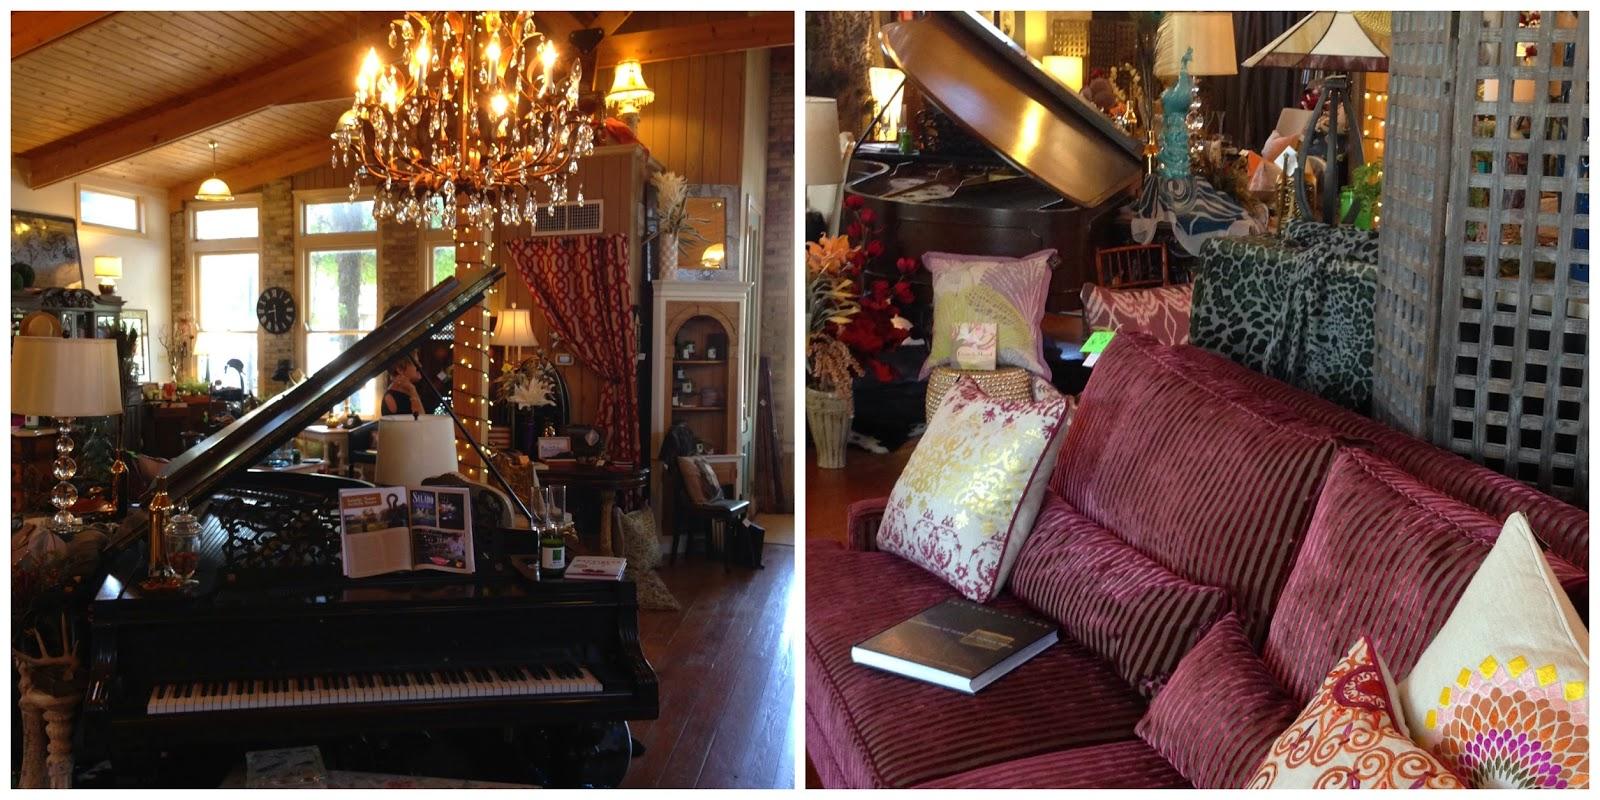 antiques and furniture at 21 Main, Salado TX